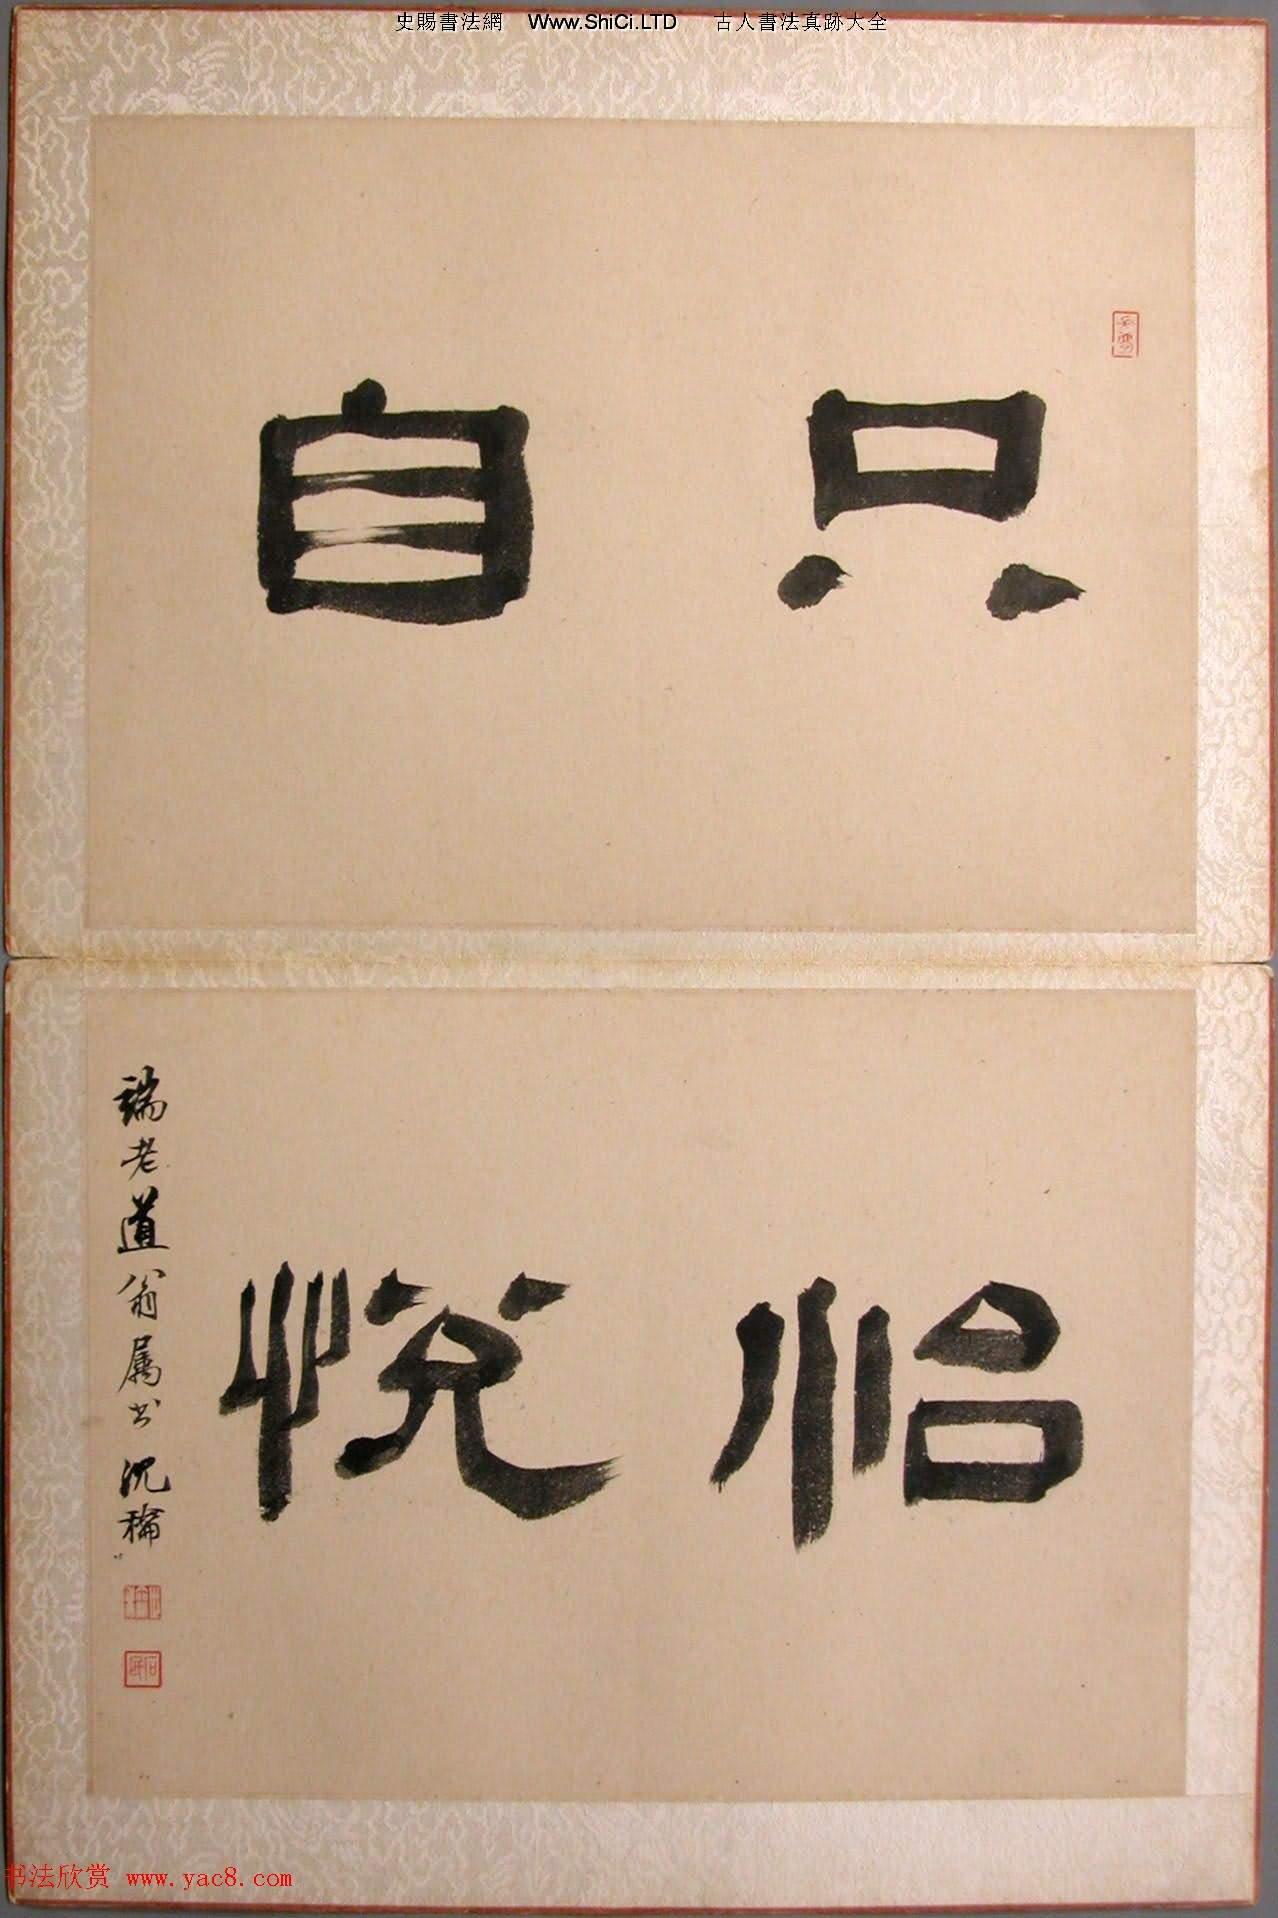 精品字畫《清初八大家山水集景冊》(共9張圖片)